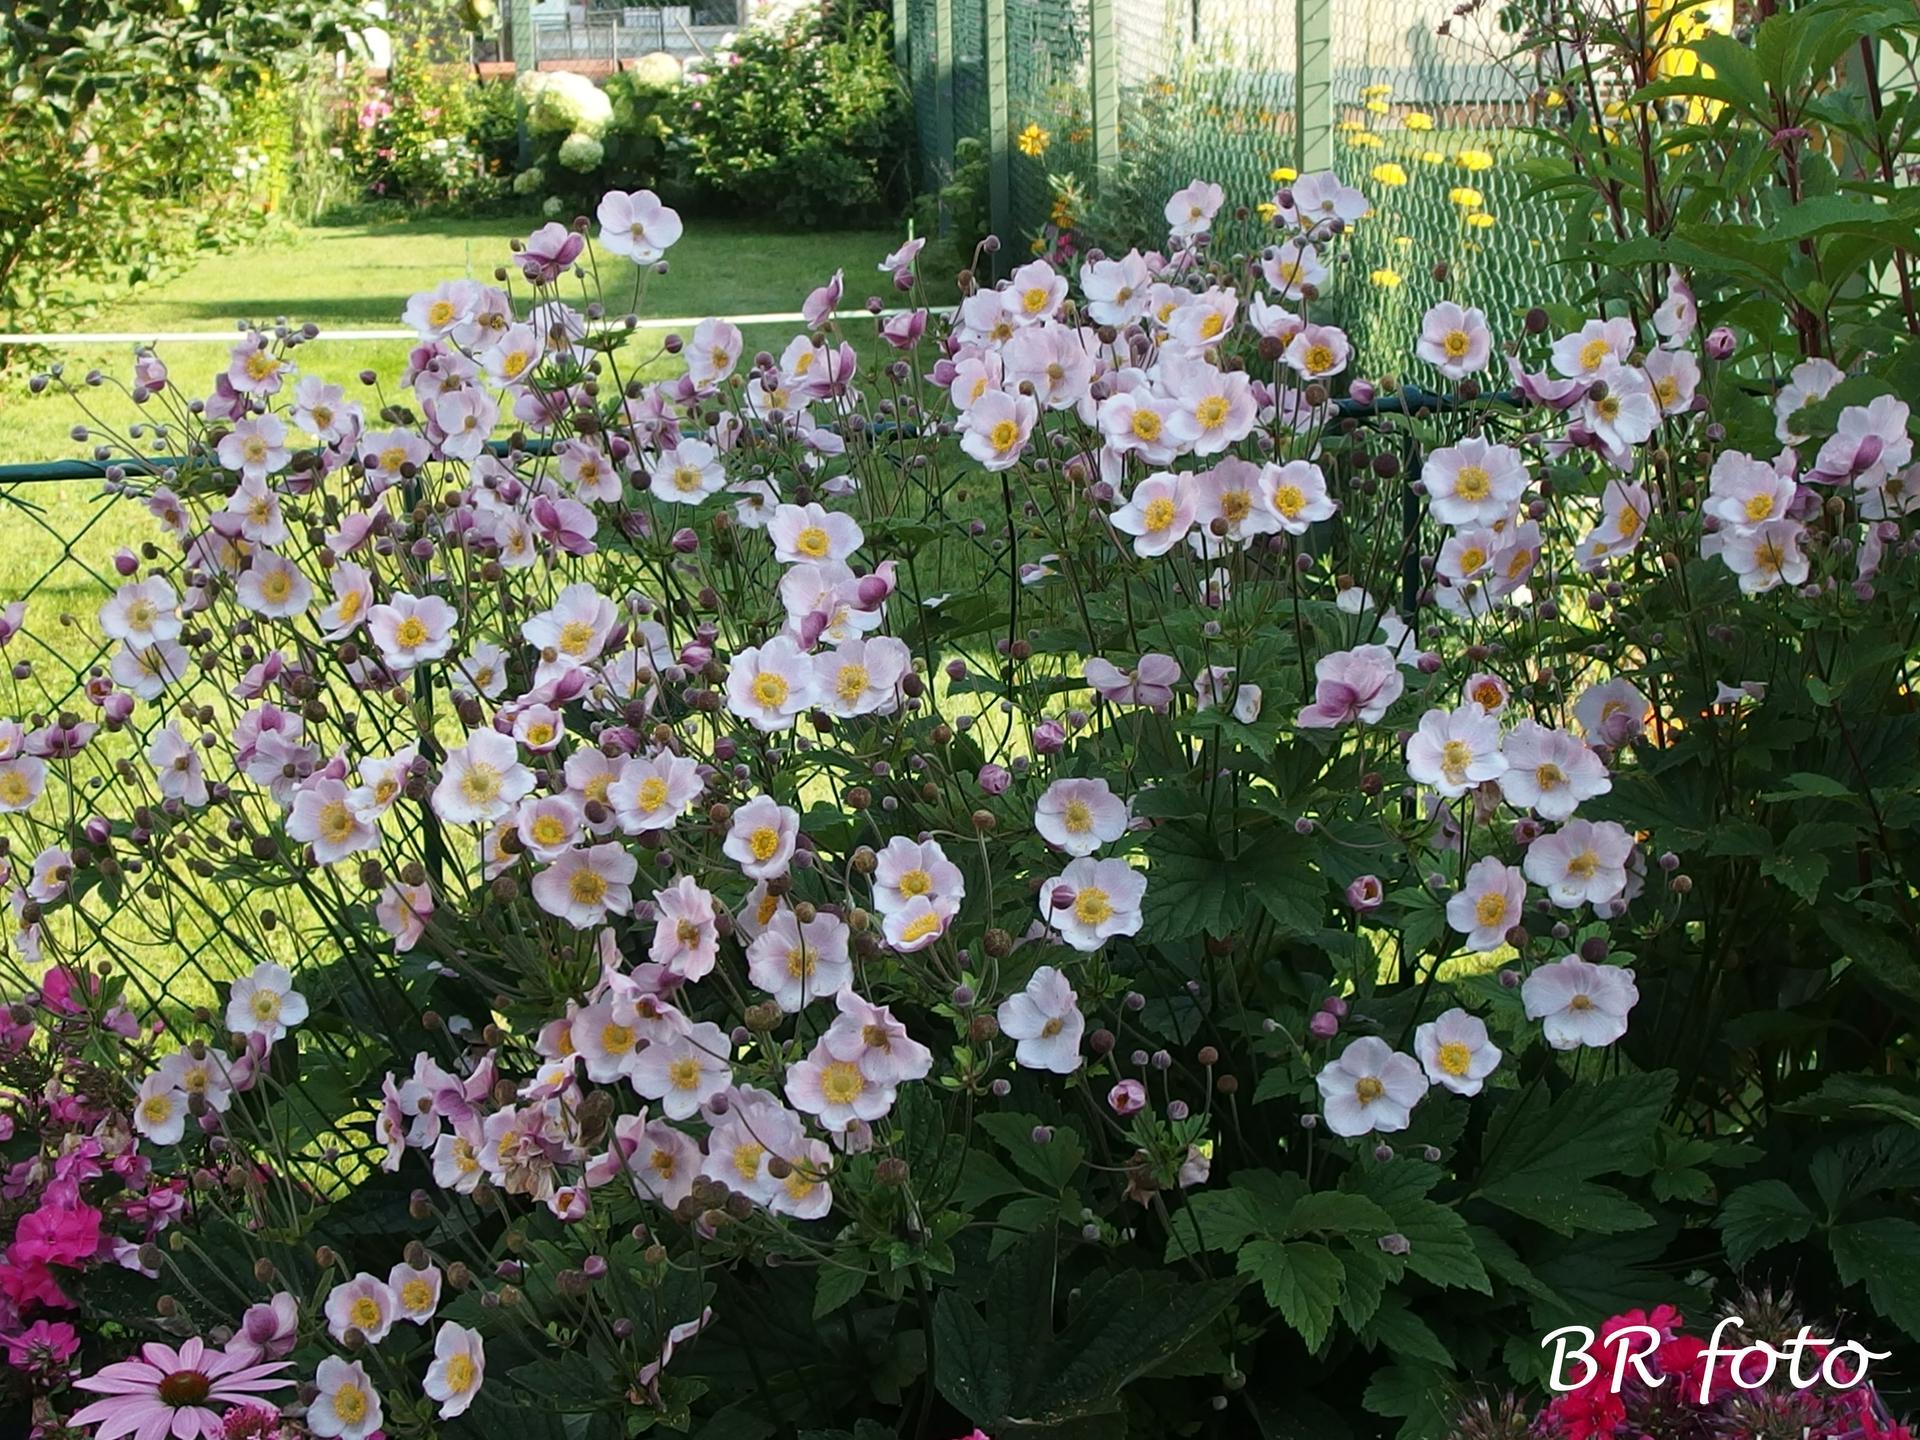 Zahrada v létě - také sasanka japonská bohatě kvete